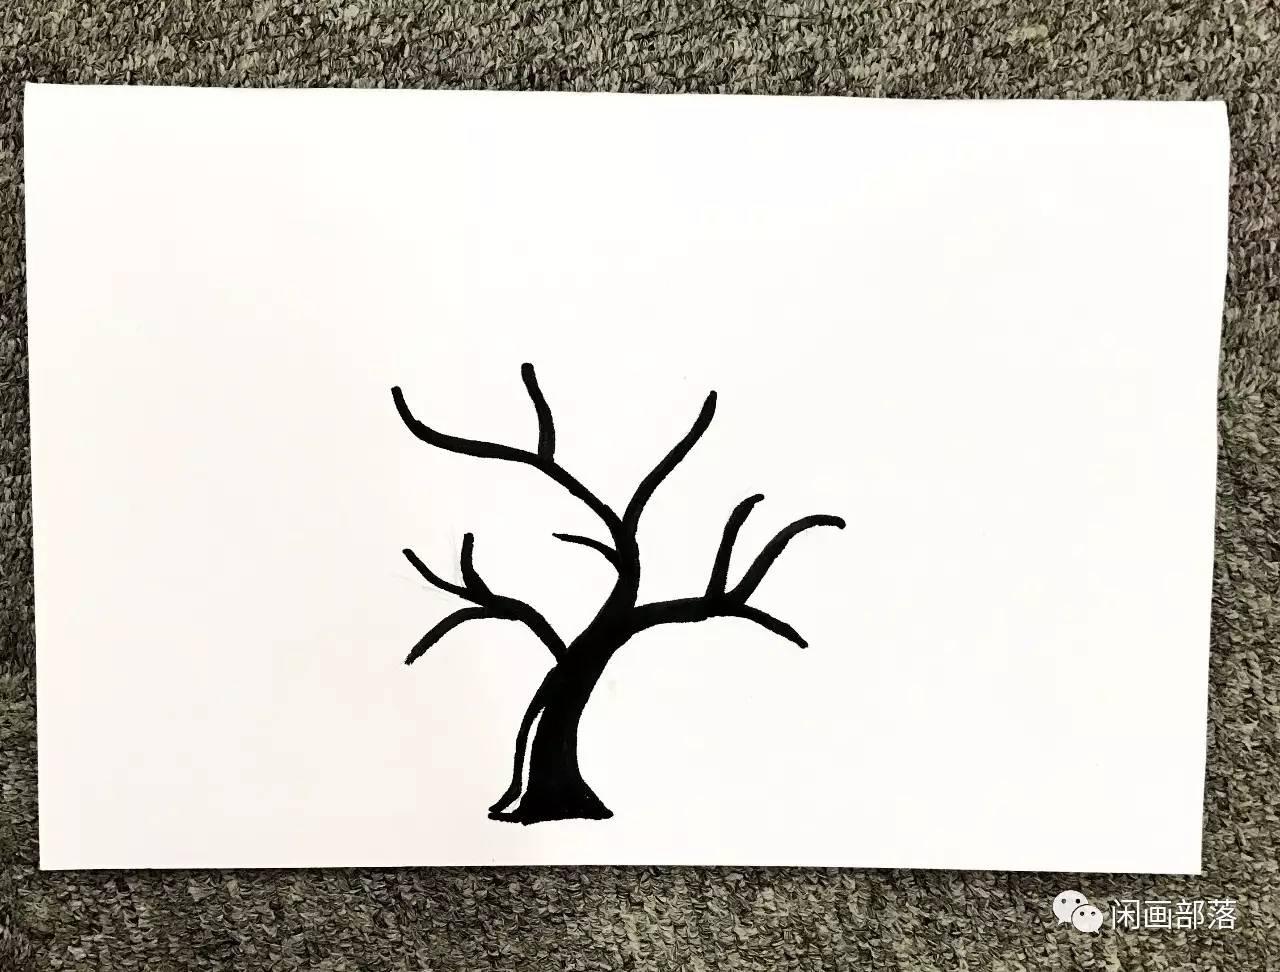 在卡纸中央画上树干和树枝(小朋友如果没把握,可以先用铅笔打草稿,再